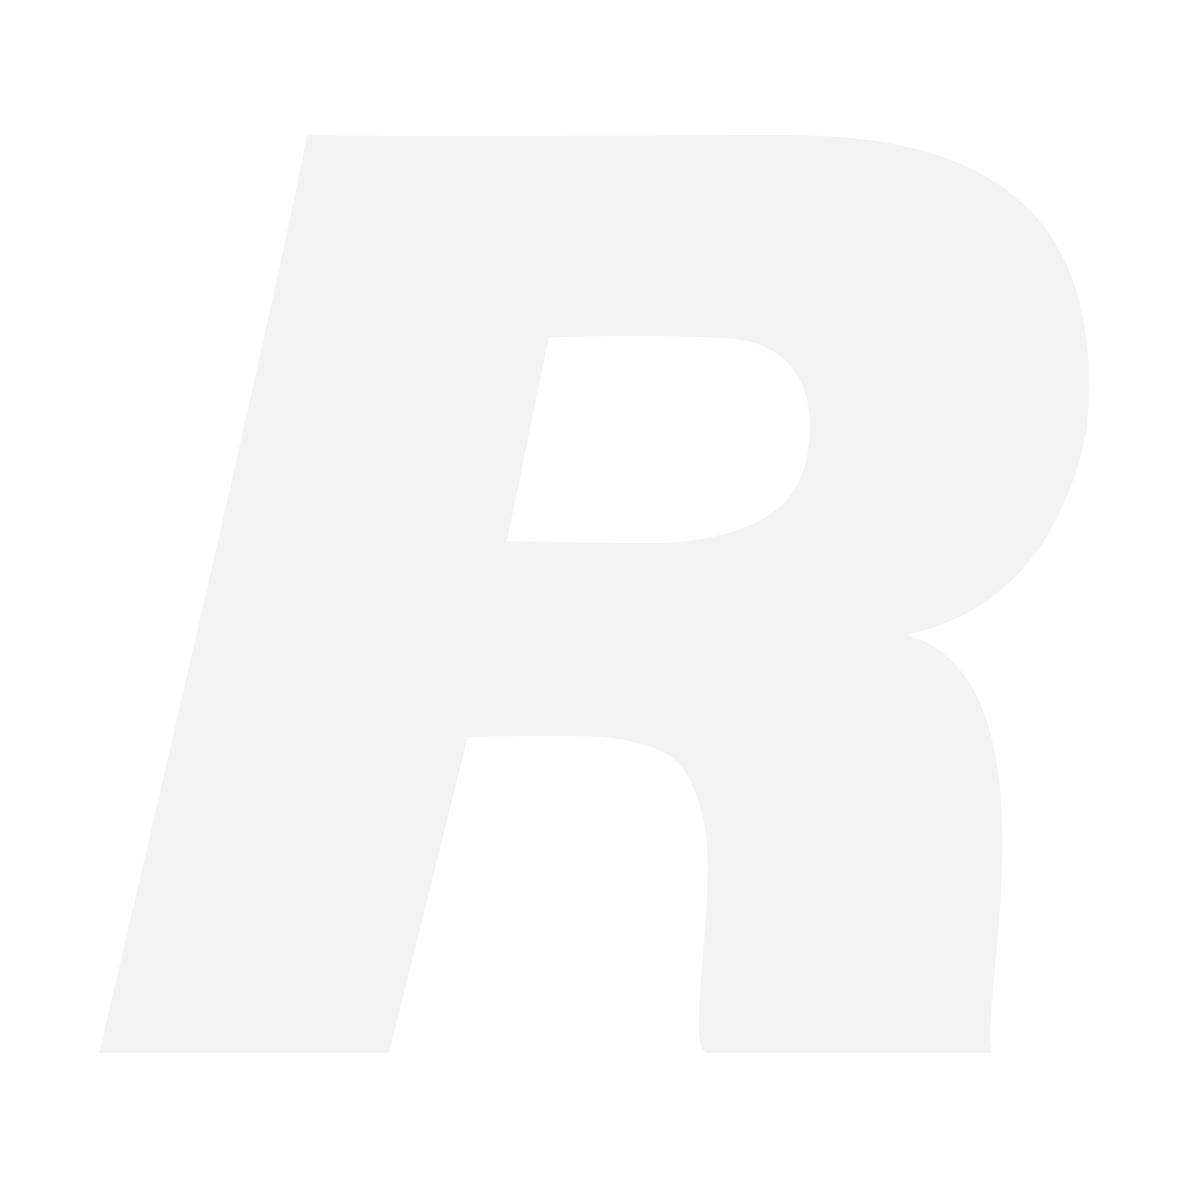 Köp Sony A7R Mark III, byt in din gamla Canon EOS 5D Mark IV